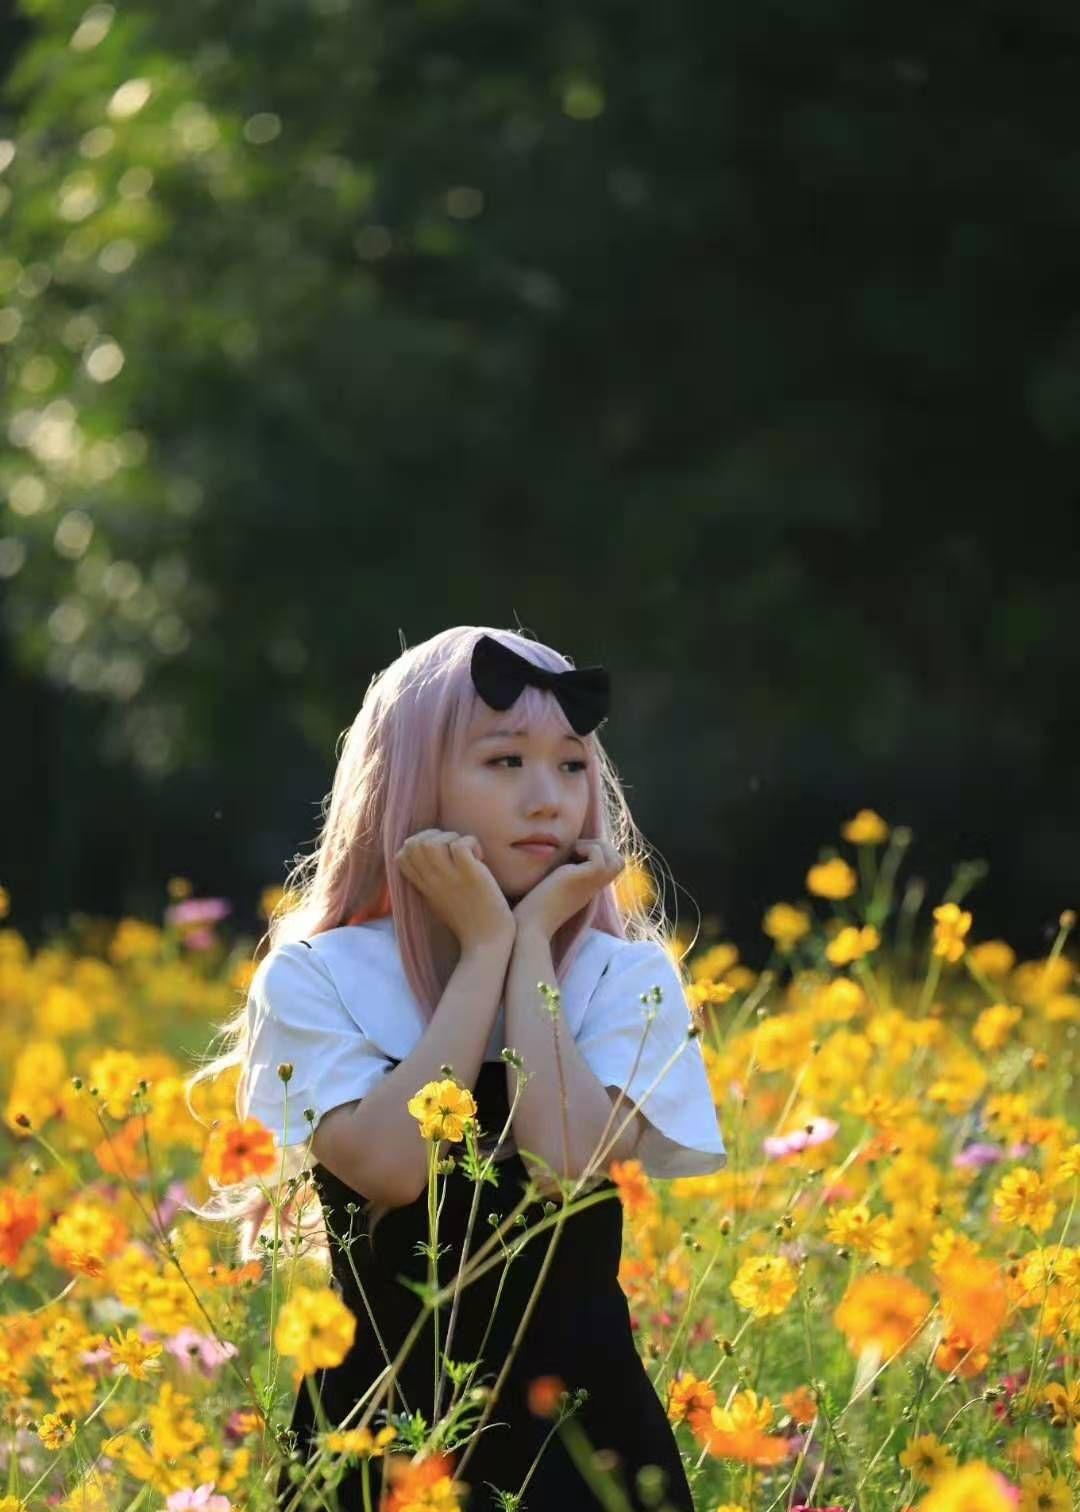 误入花丛中,花美人更美——北京奥林匹克森林公园初拍!